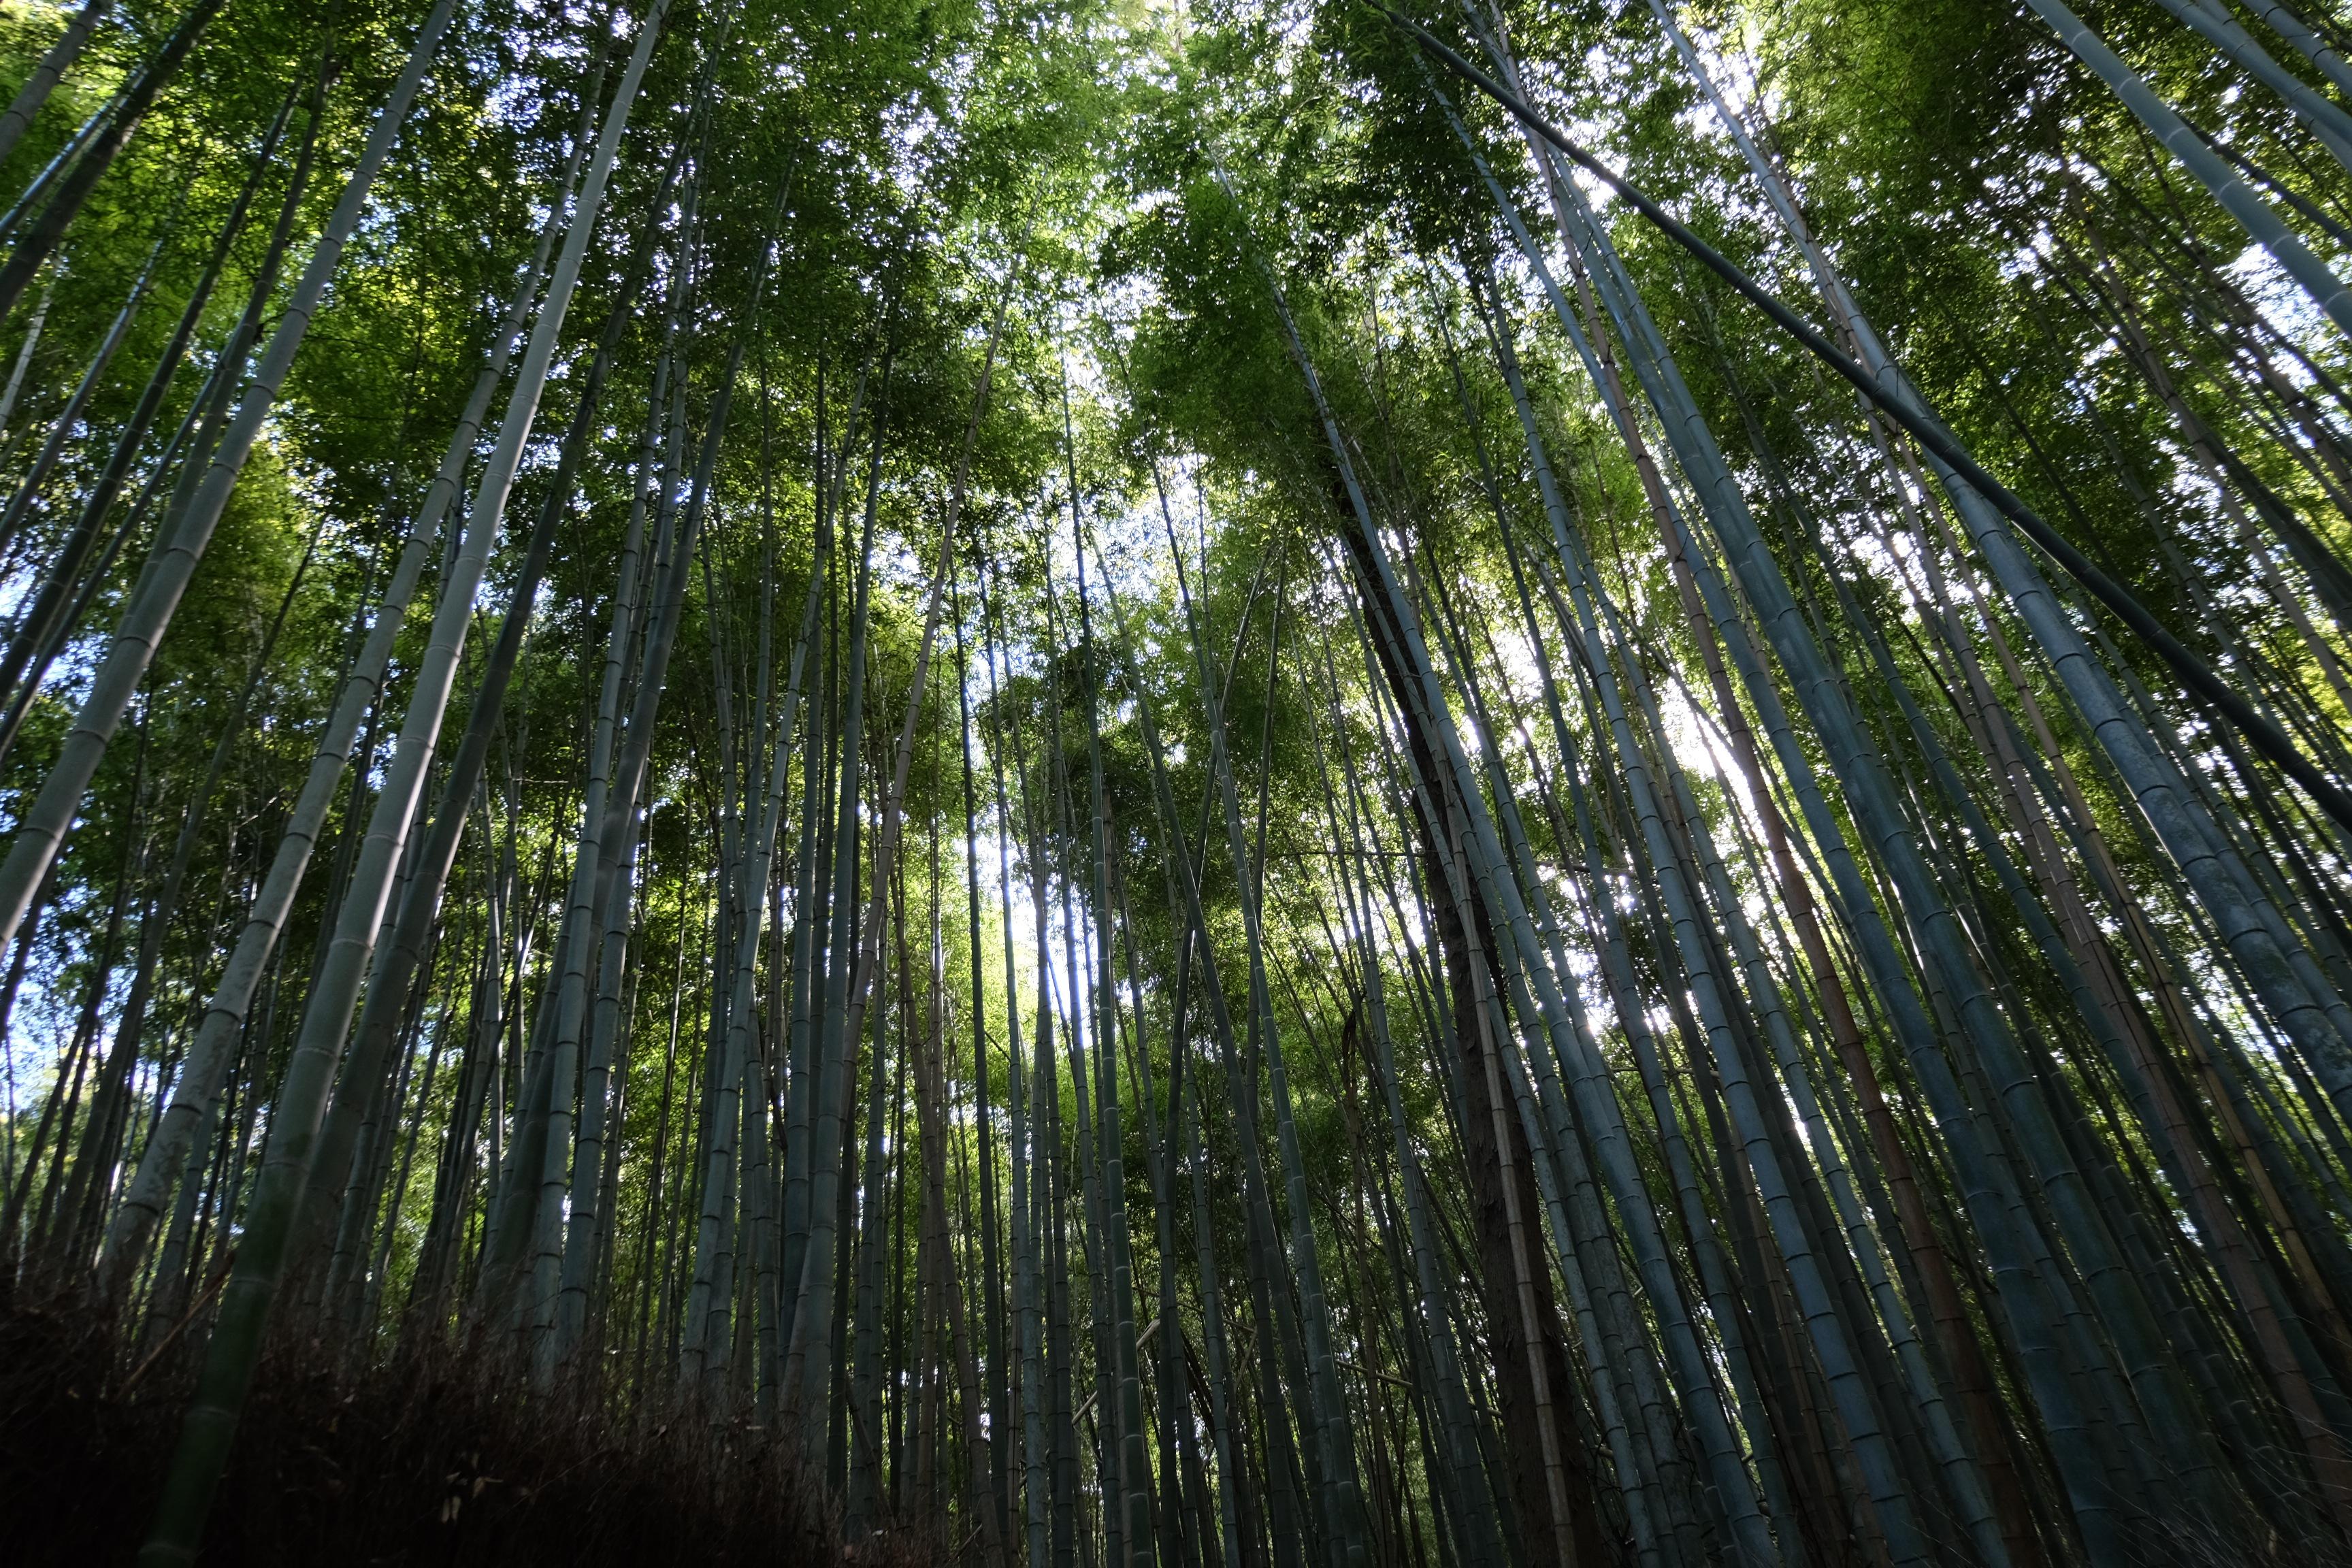 Japonya Bambu Ormanı